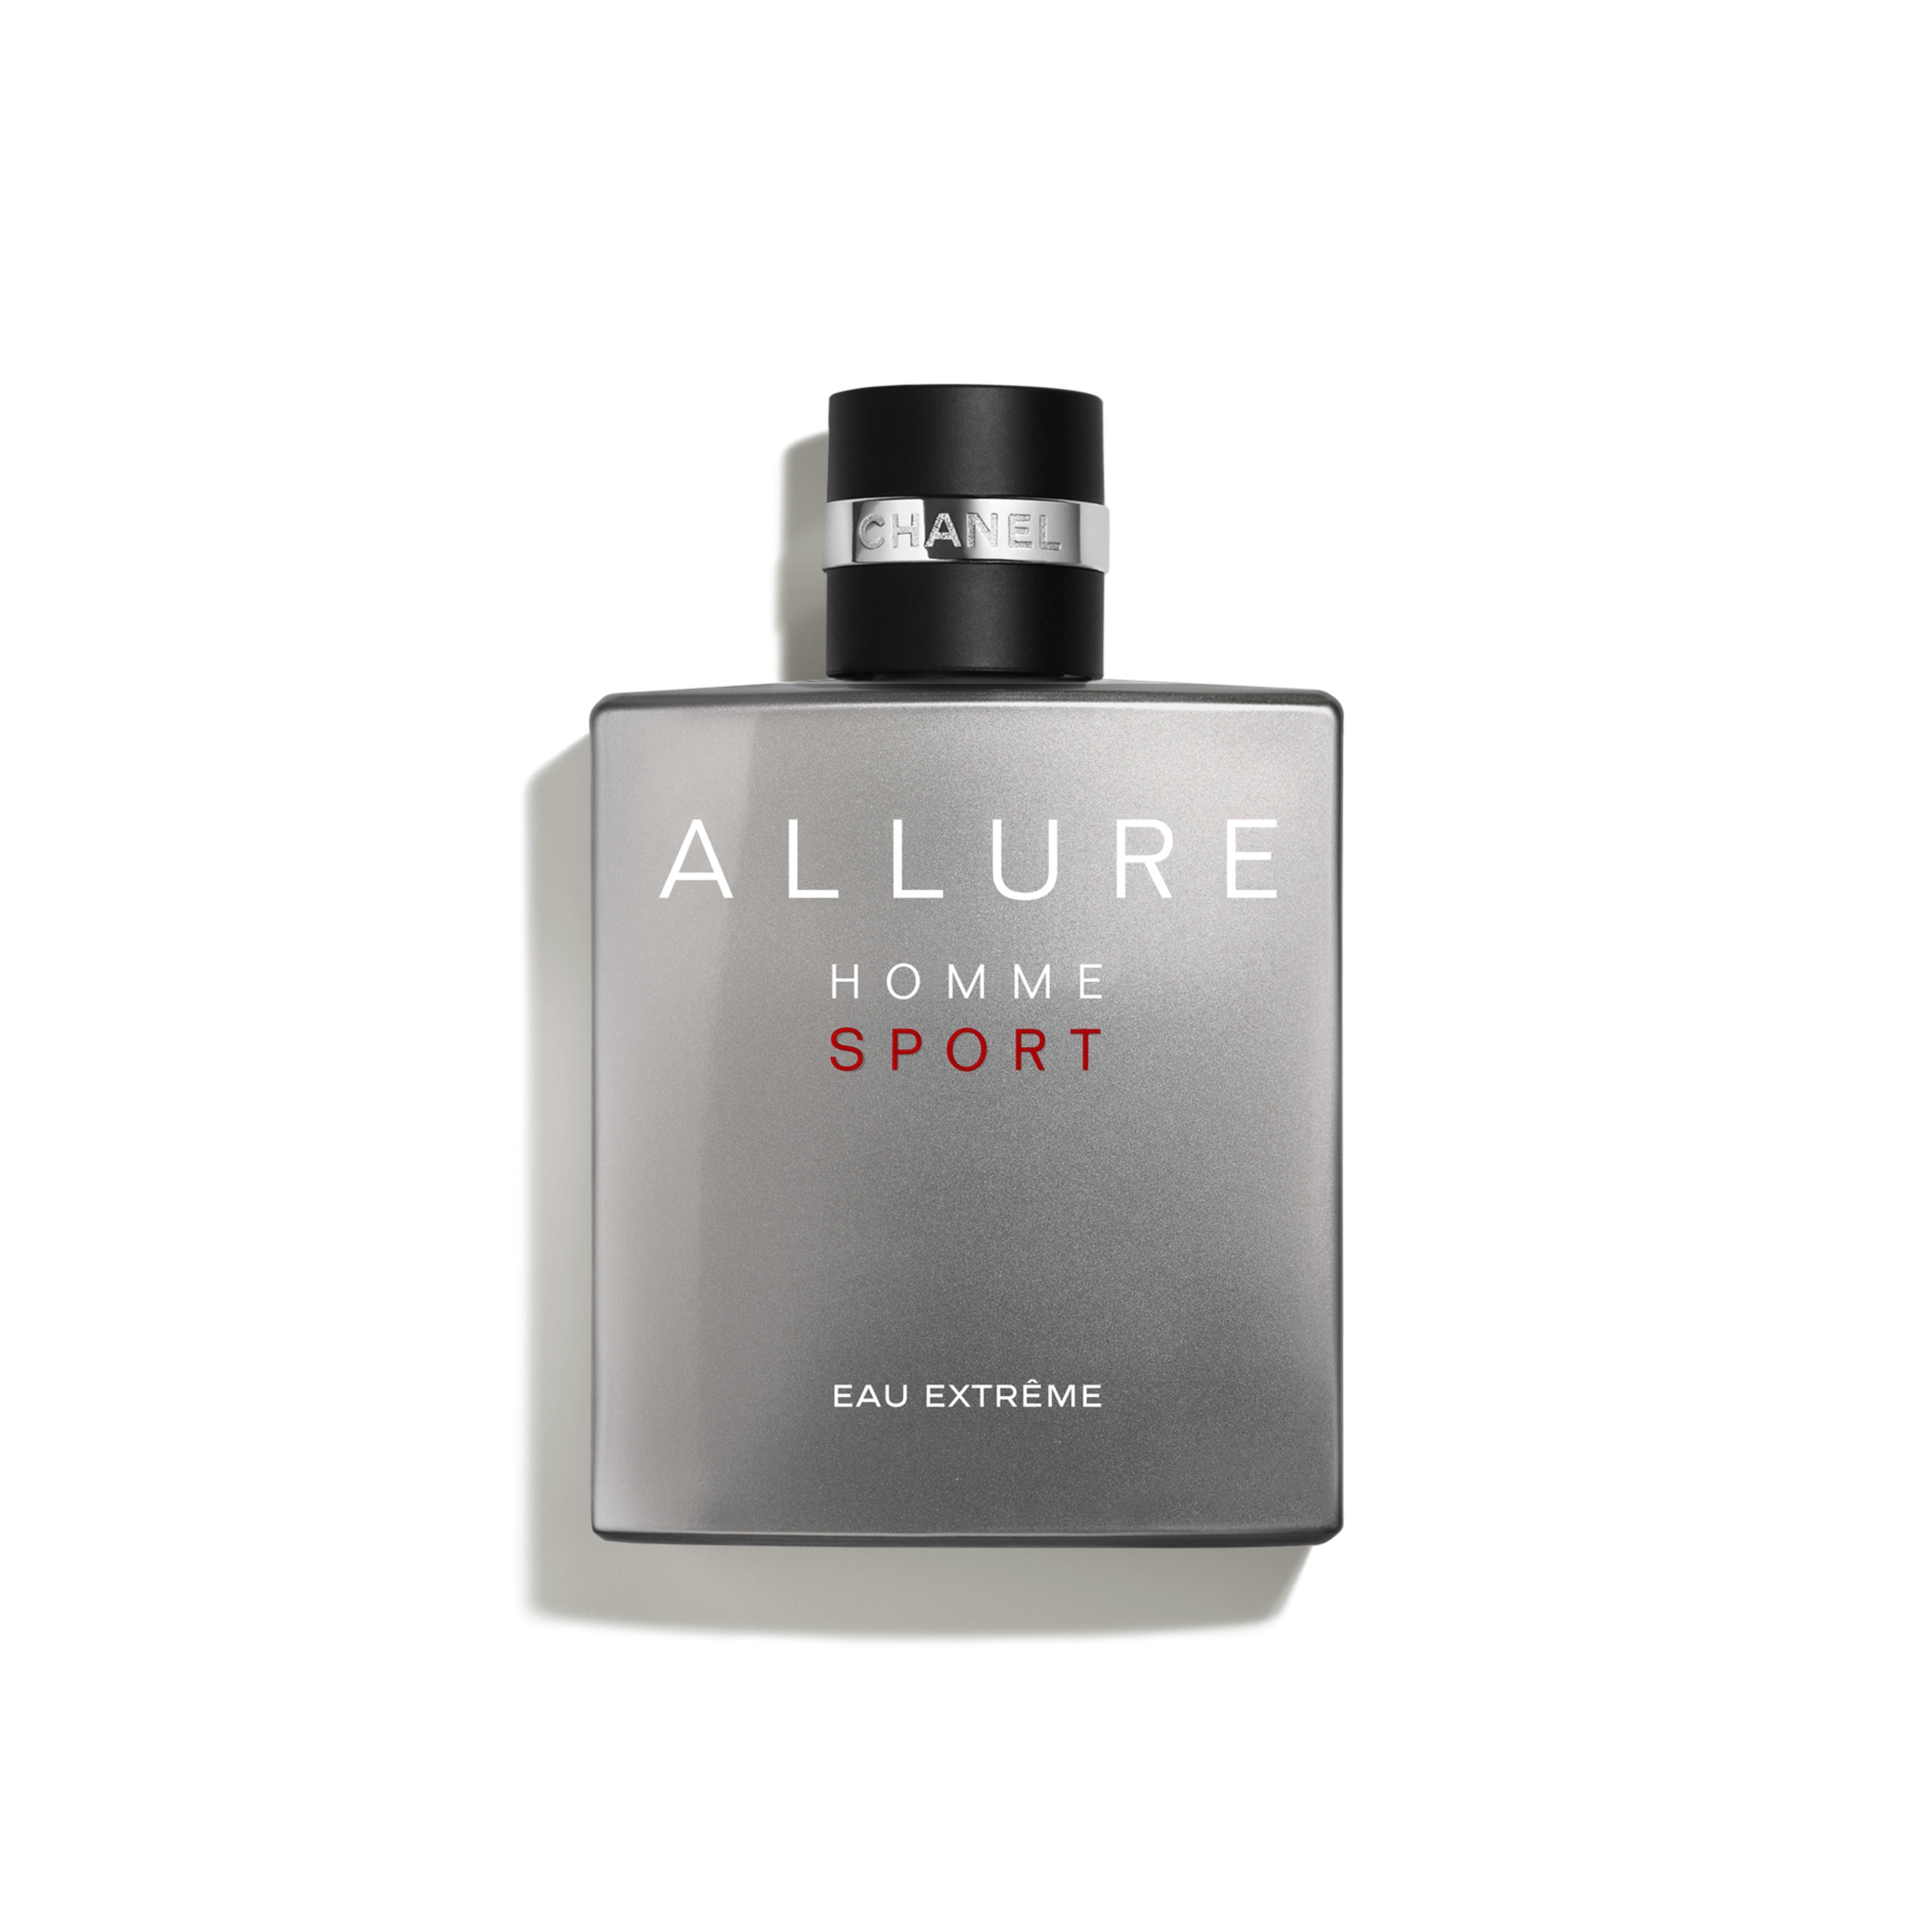 parfum chanel homme allure